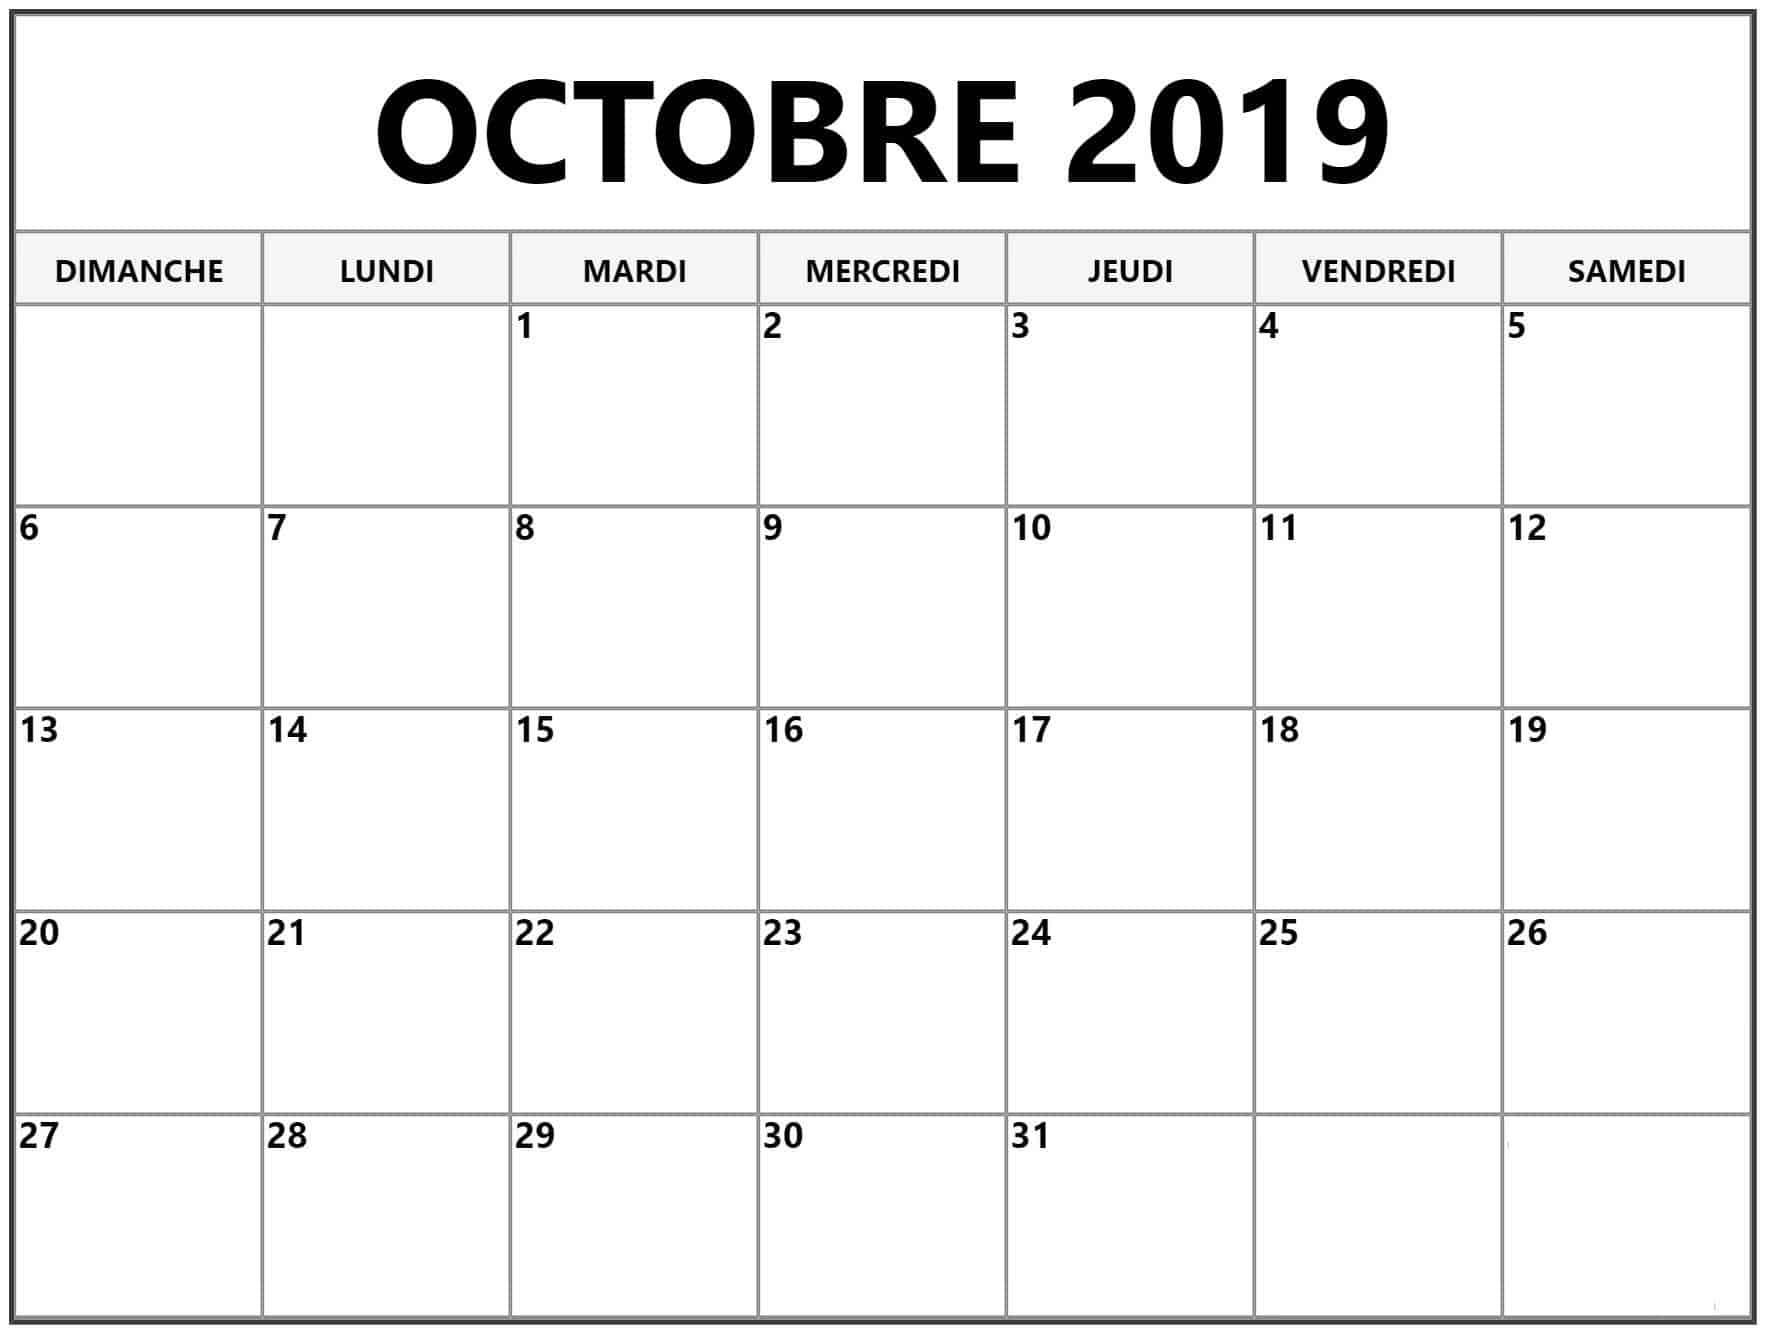 Octobre Calendrier 2019.Calendrier Octobre 2019 Image Editable Nosovia Com